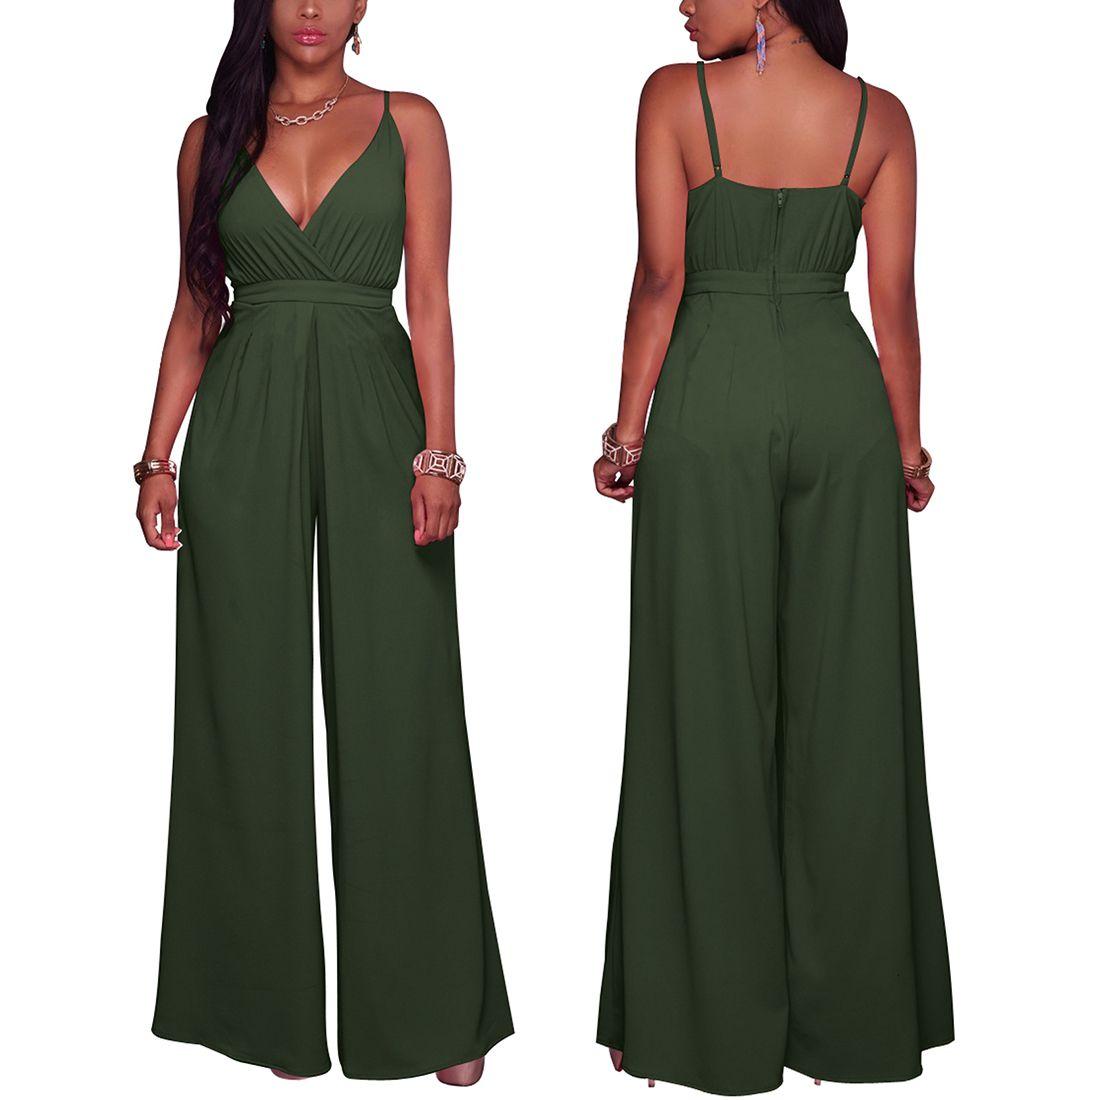 Jimmyhank sexy women summer elegant clubwear spaghetti strap deep v